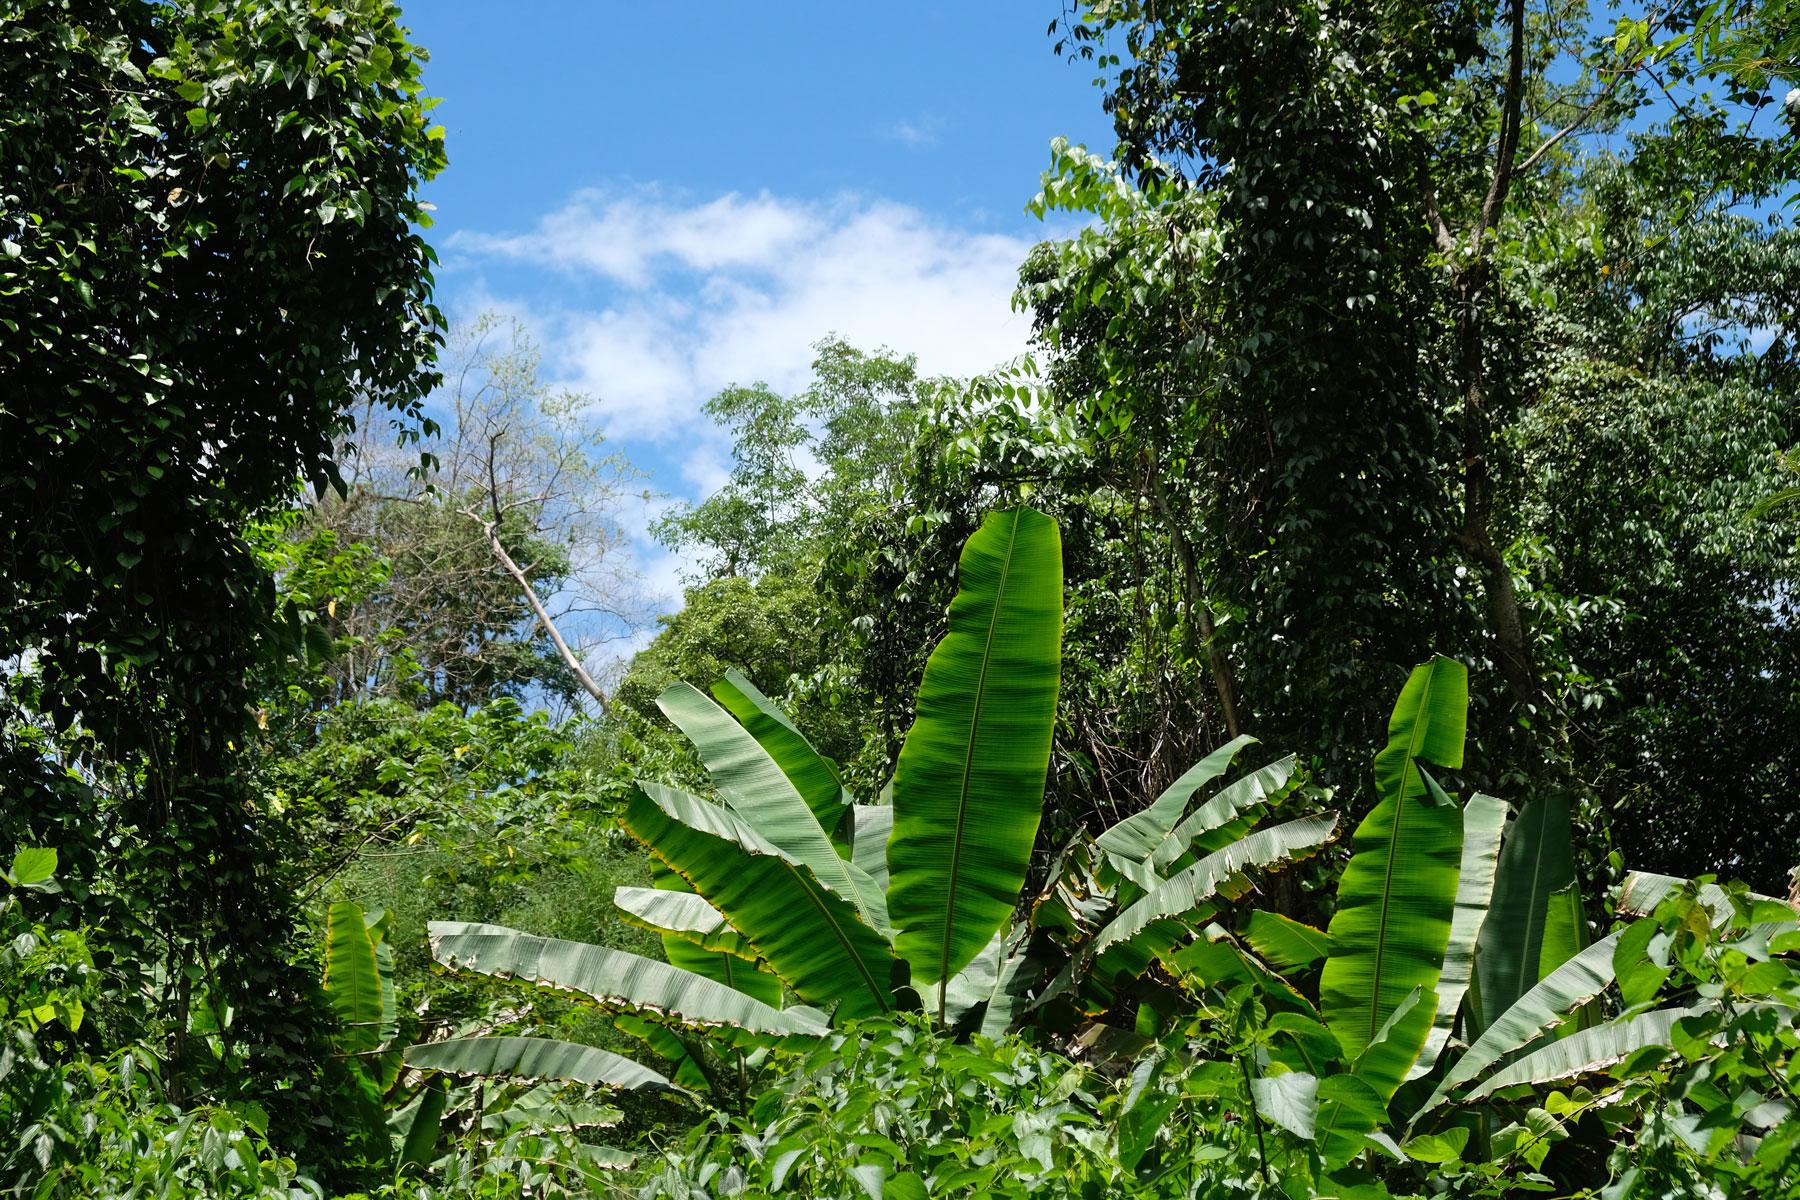 Bäume und Palmen im thailändischen Dschungel.